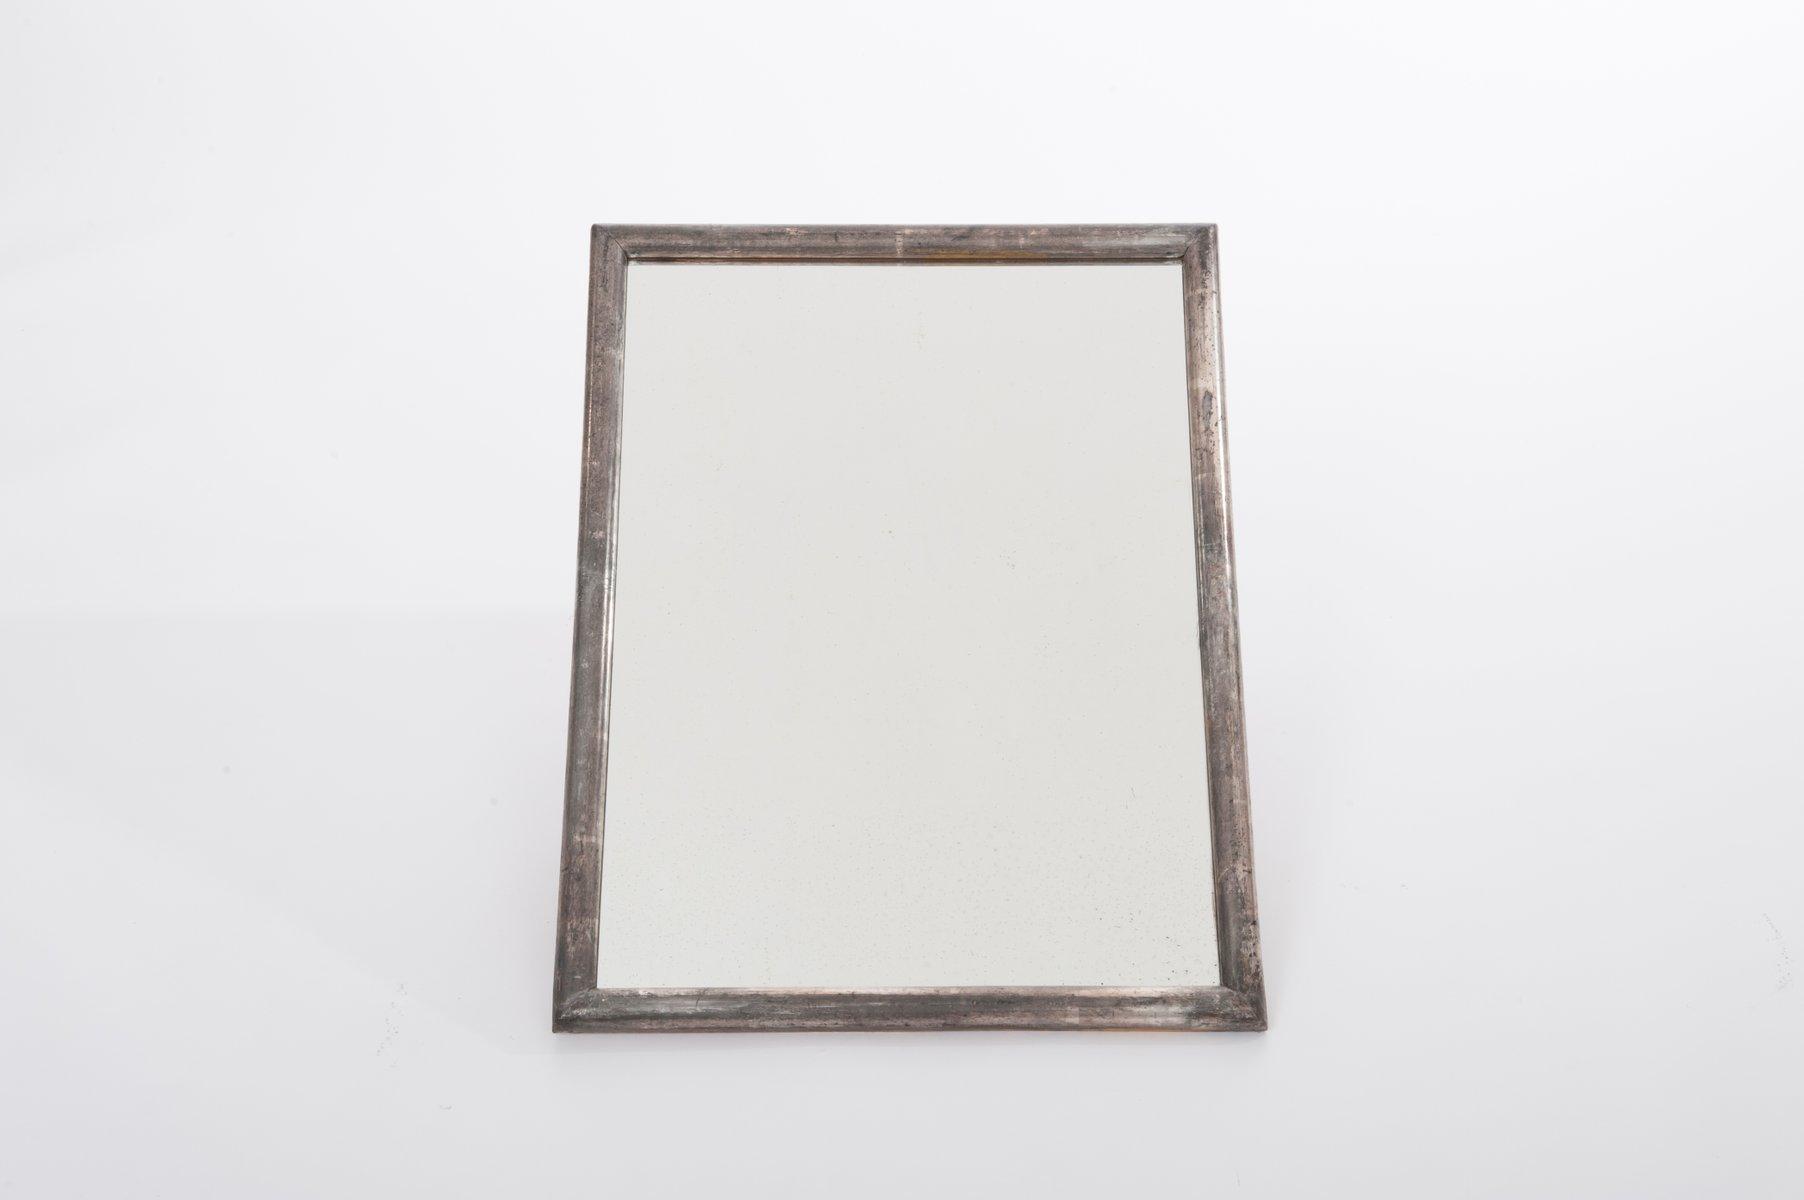 Art Deco Spiegel : Versilberte art deco spiegel er er set bei pamono kaufen